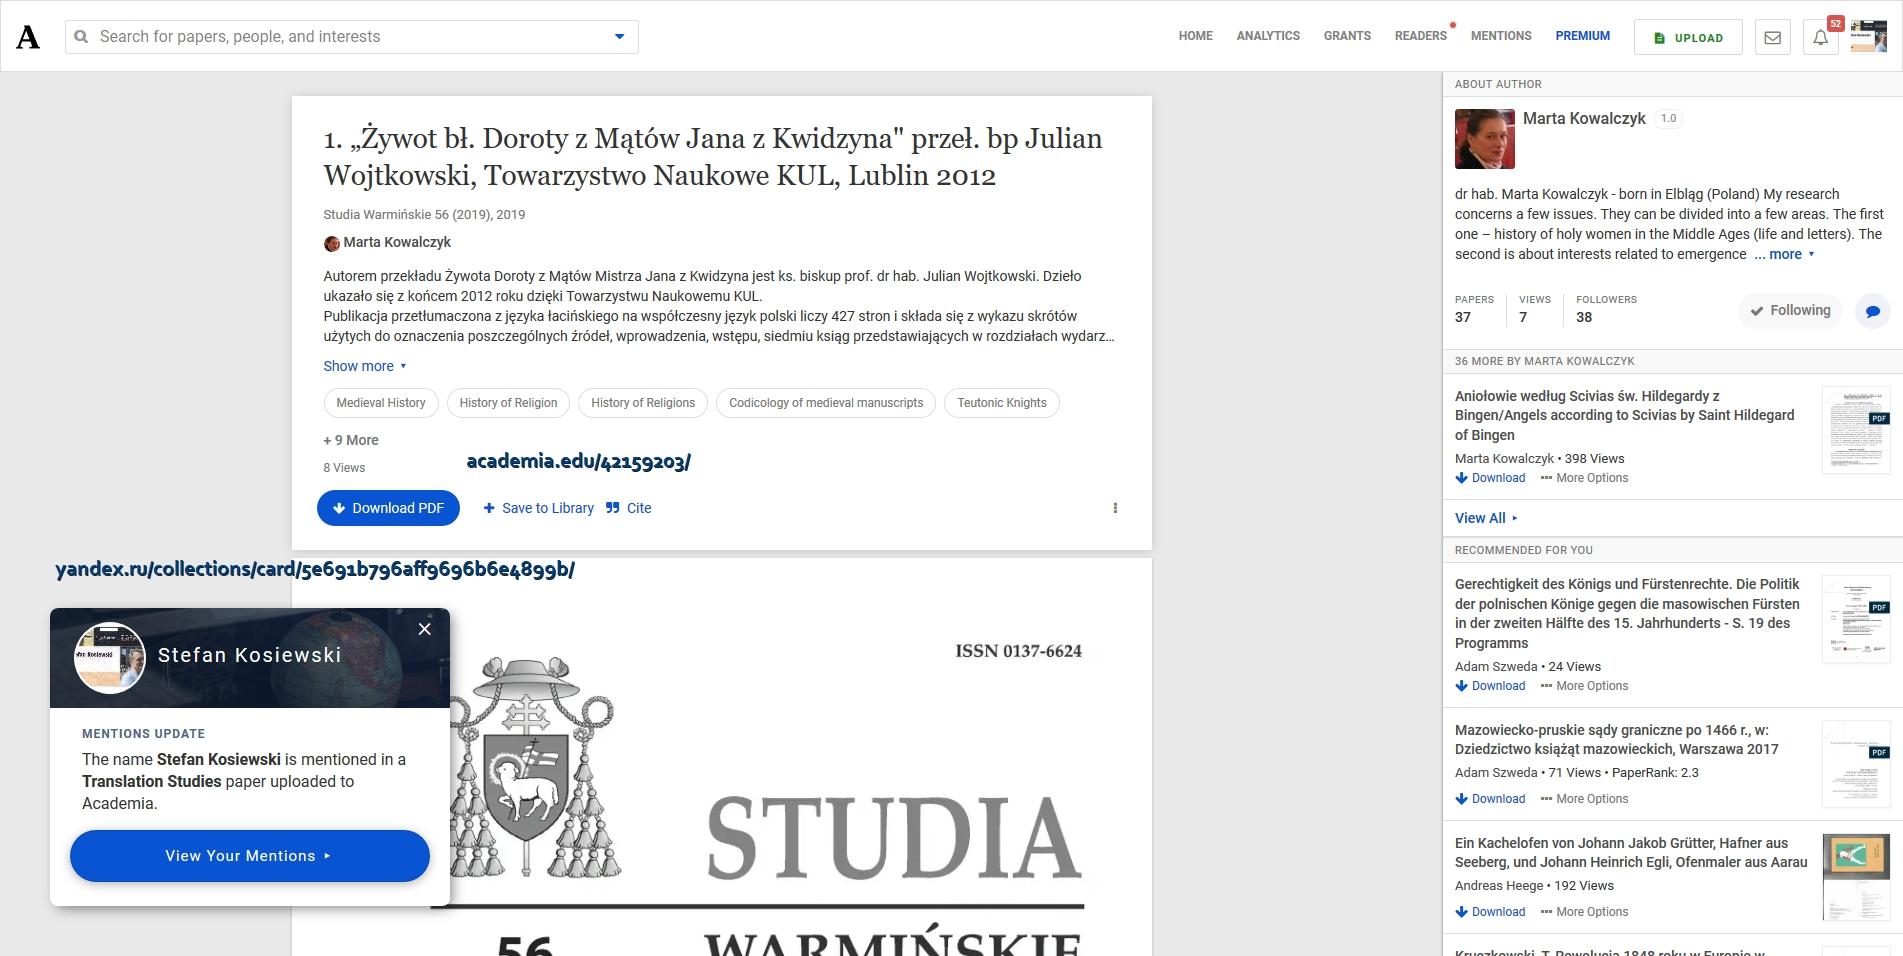 """Screenshot_2020-03-11 1 """"Żywot bł Doroty z Mątów Jana z Kwidzyna przeł bp Julian Wojtkowski, Towarzystwo Naukowe KUL, Lubli[...]"""